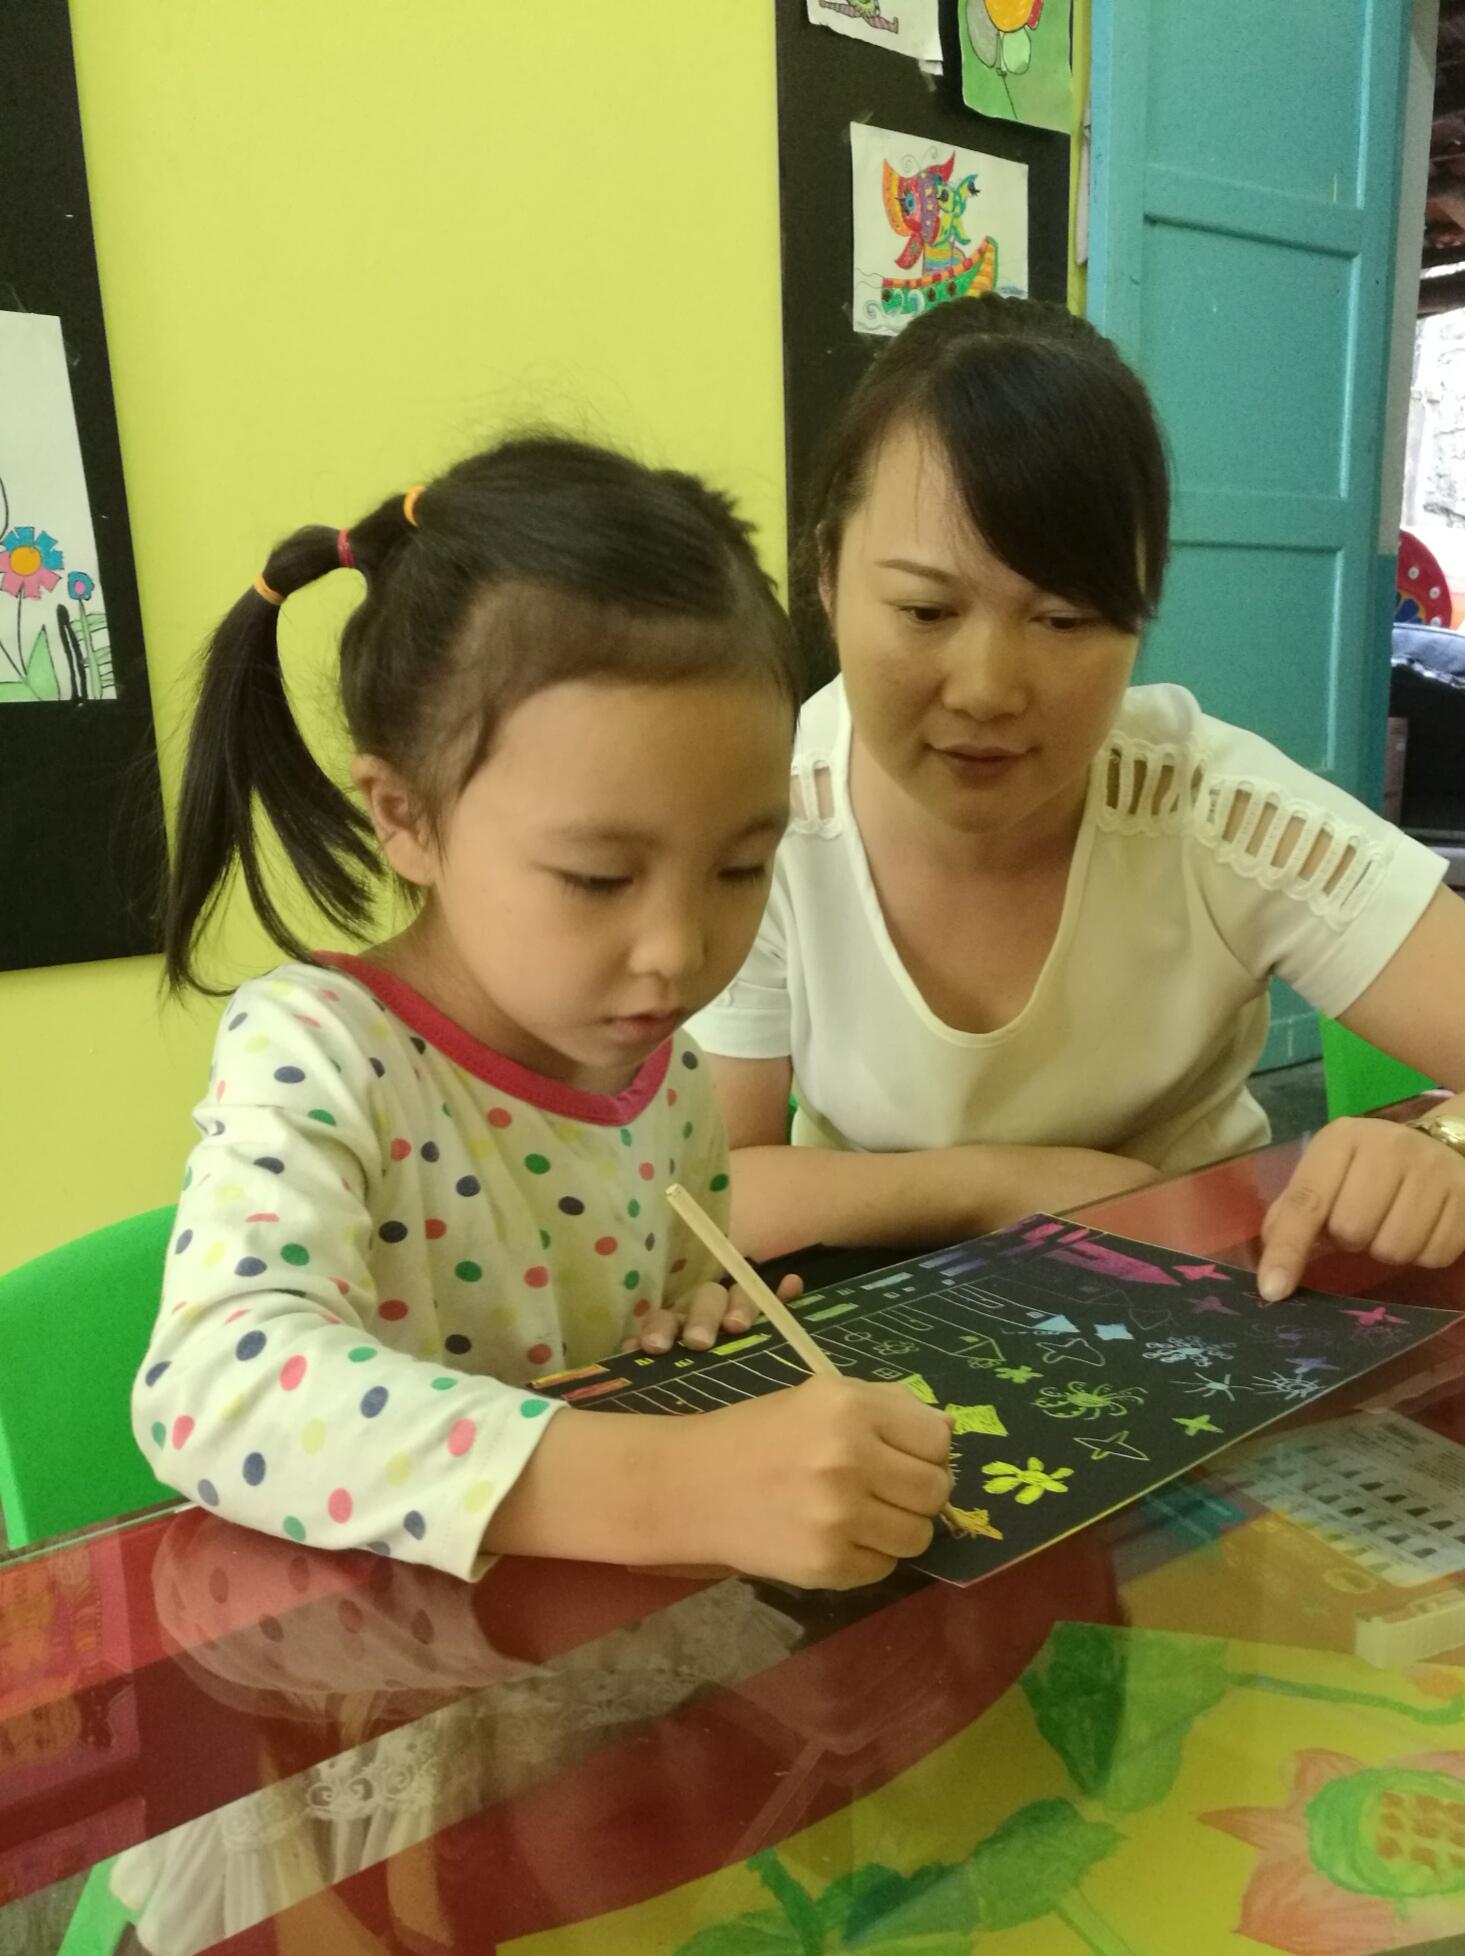 图一、罗老师看着宝贝正在画天上的星星